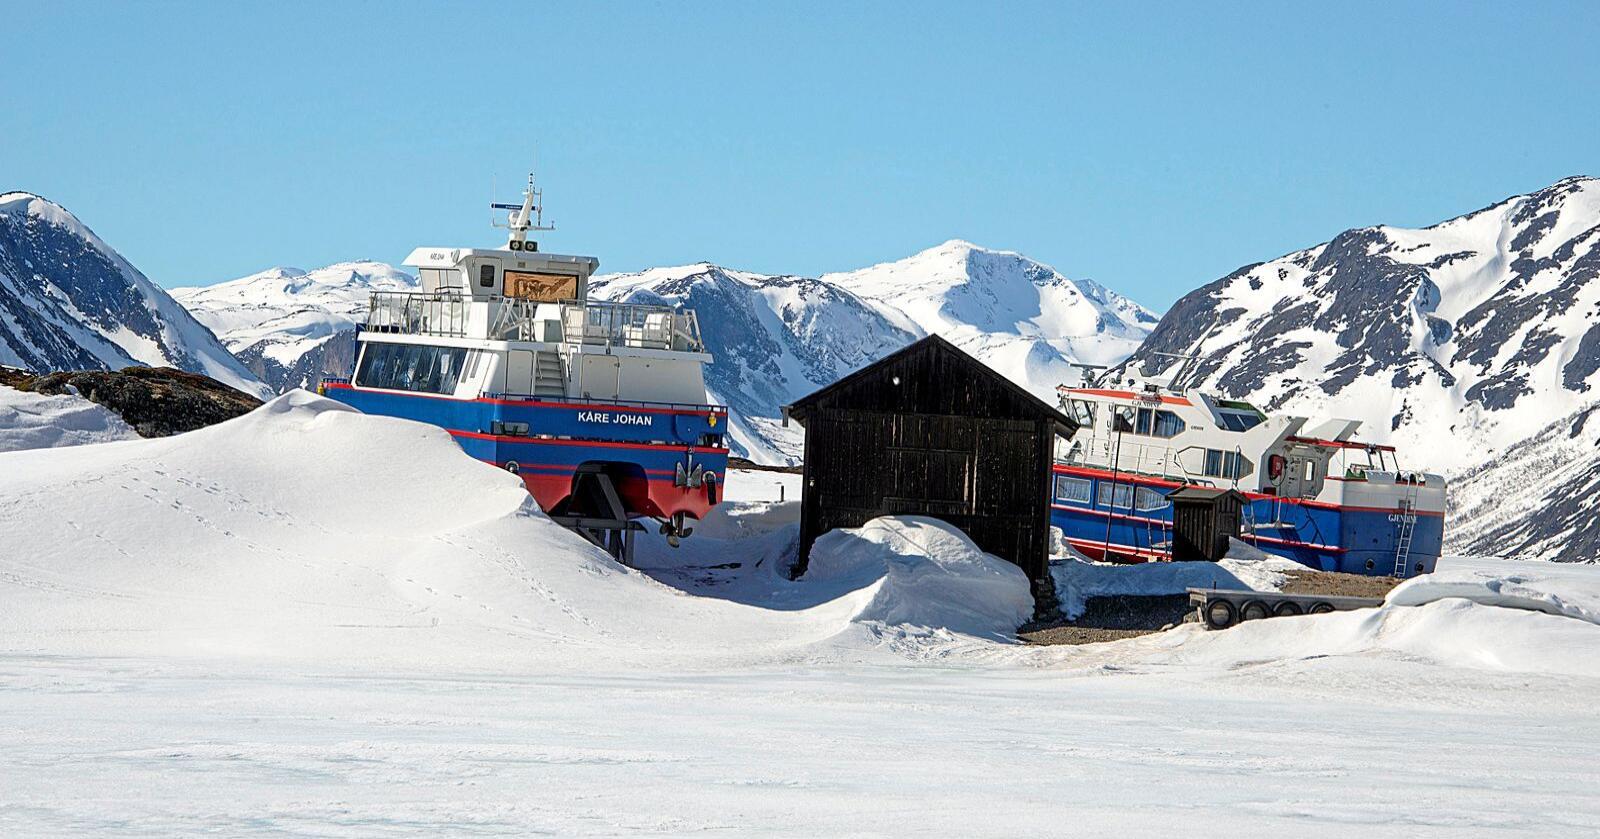 Fortsatt vinter: I slutten av mai dekket isen fortsatt det store Gjendevatnet i Jotunheimen – og rutebåtene Gjendine og Kåre Johan lå fortsatt i opplag på land ved Gjendeosen. Foto: Bård Bårdløkken